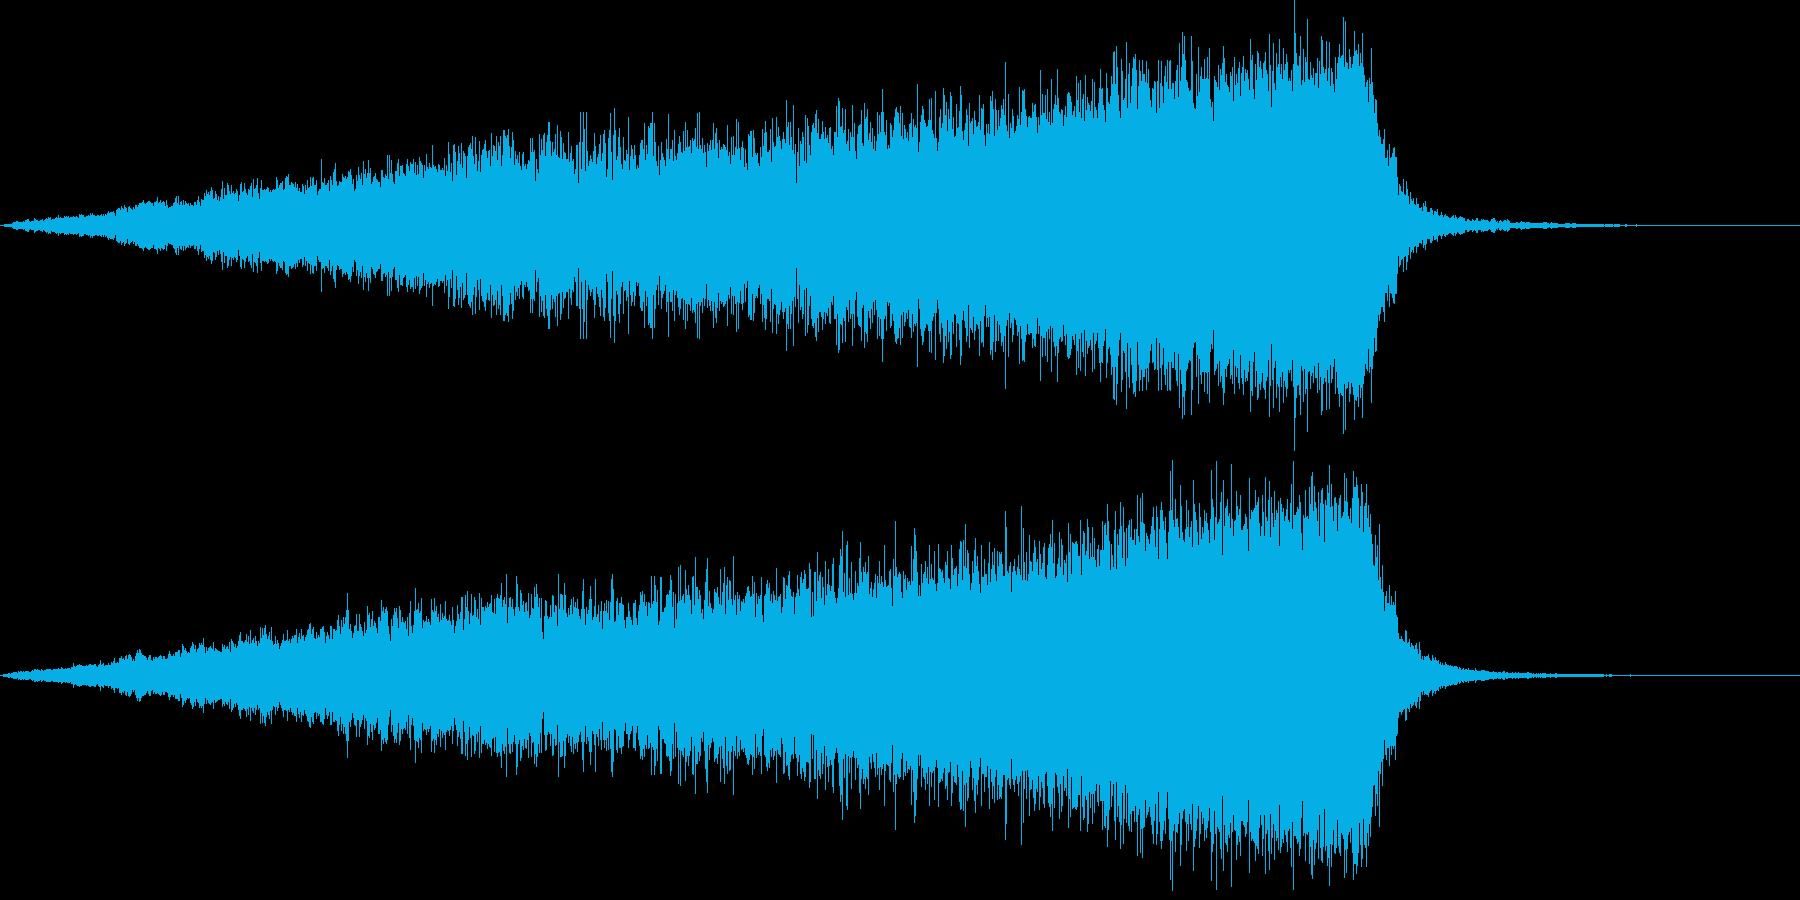 【ライザー】19 SFサウンドの再生済みの波形